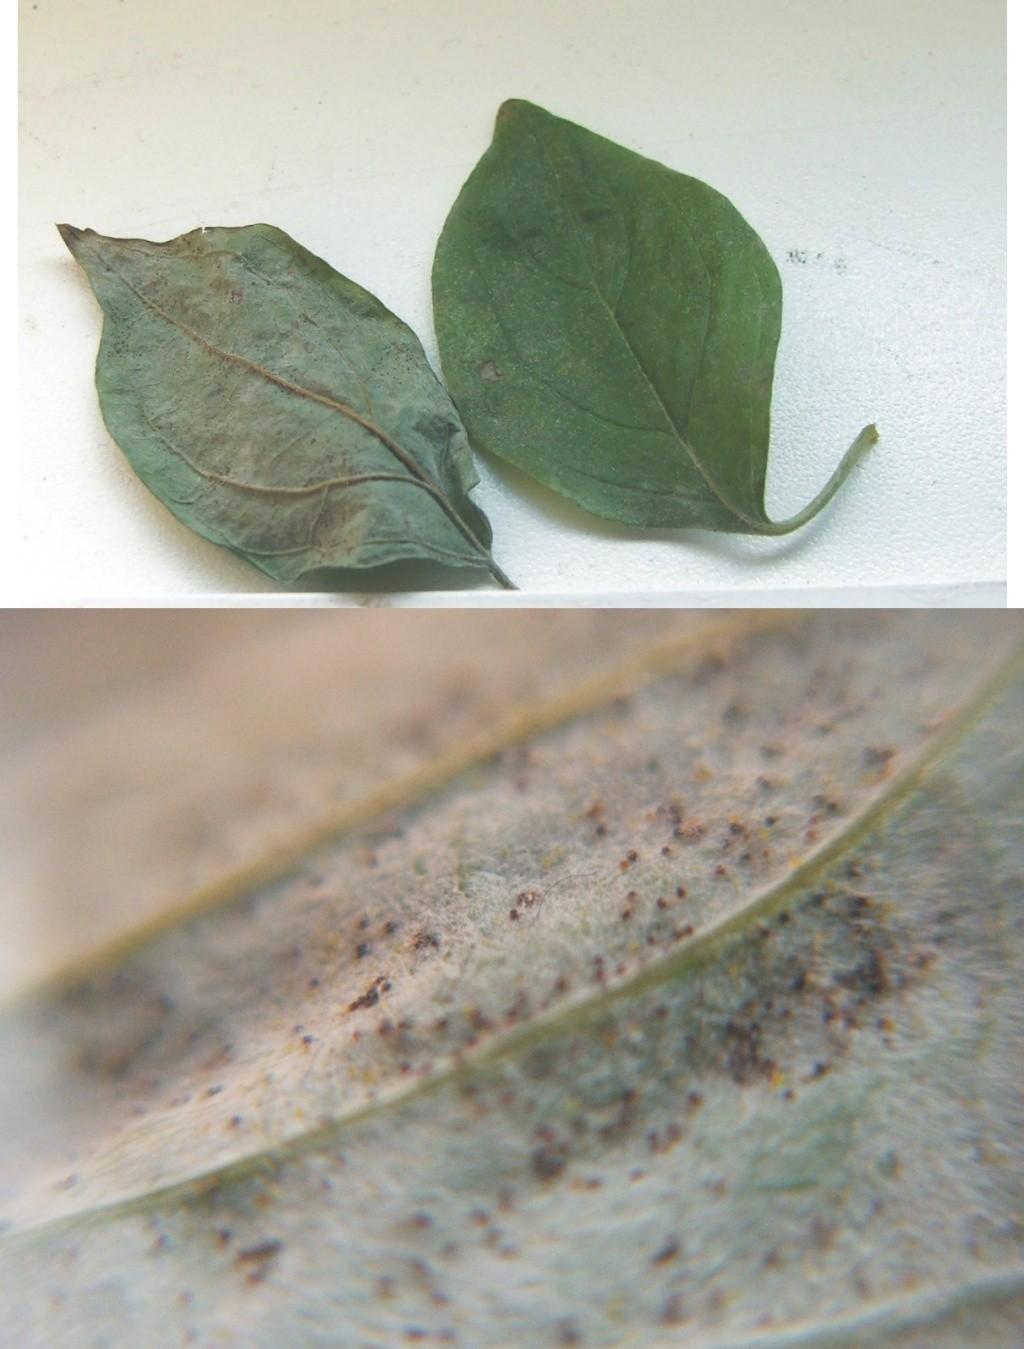 leaves problem acer, cornus ... Cornus11